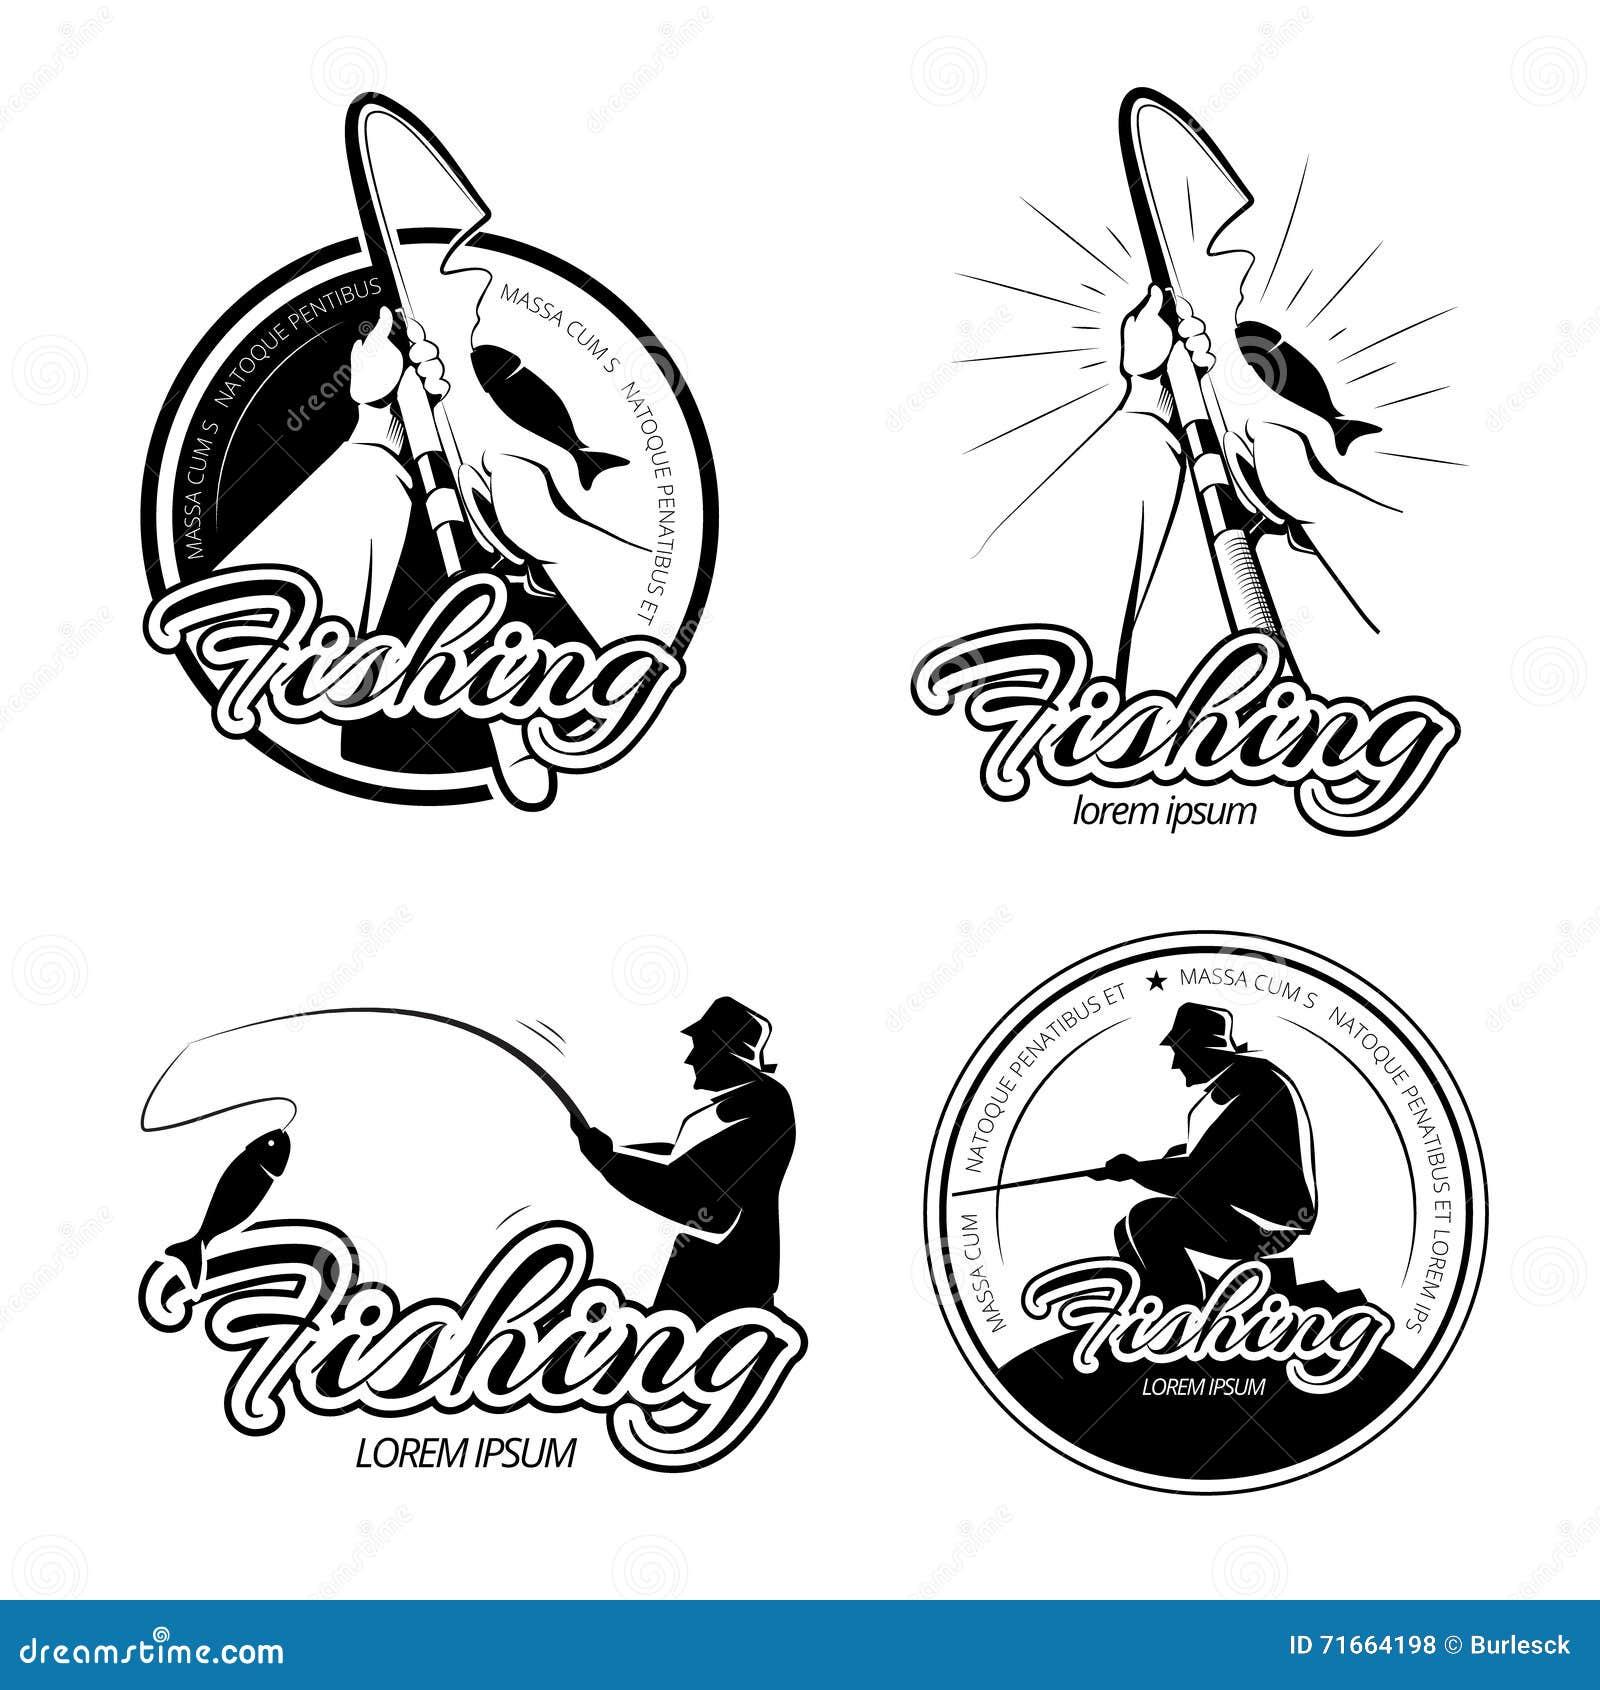 Vintage fishing vector logos, emblems, labels set